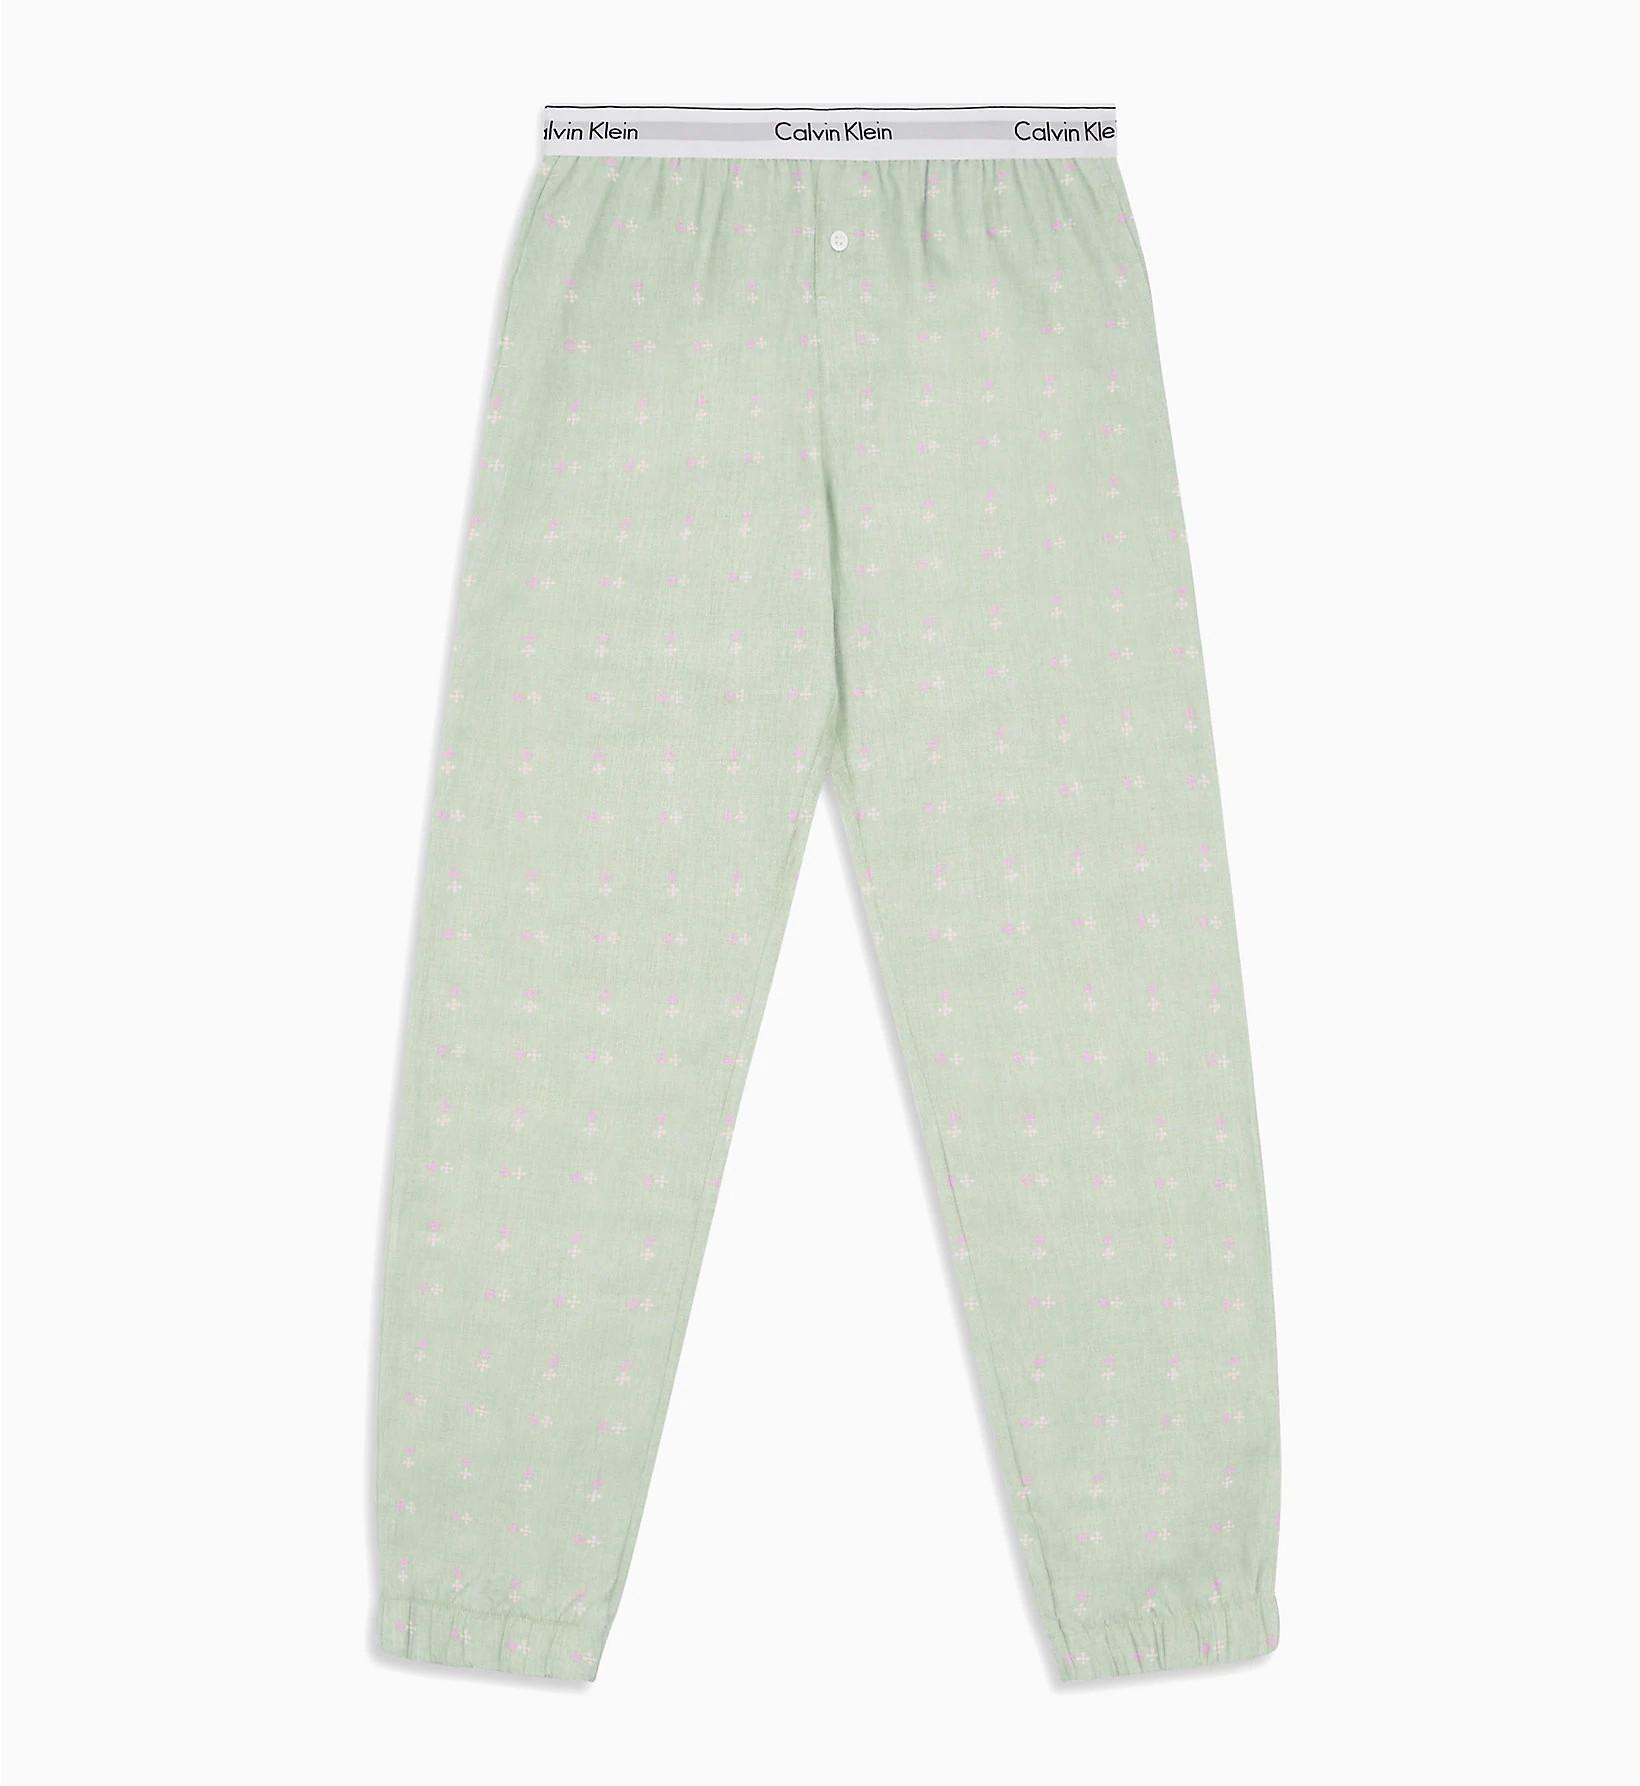 Dámske pyžamové nohavice QS5934E-FPV zelená - Calvin Klein zelená L